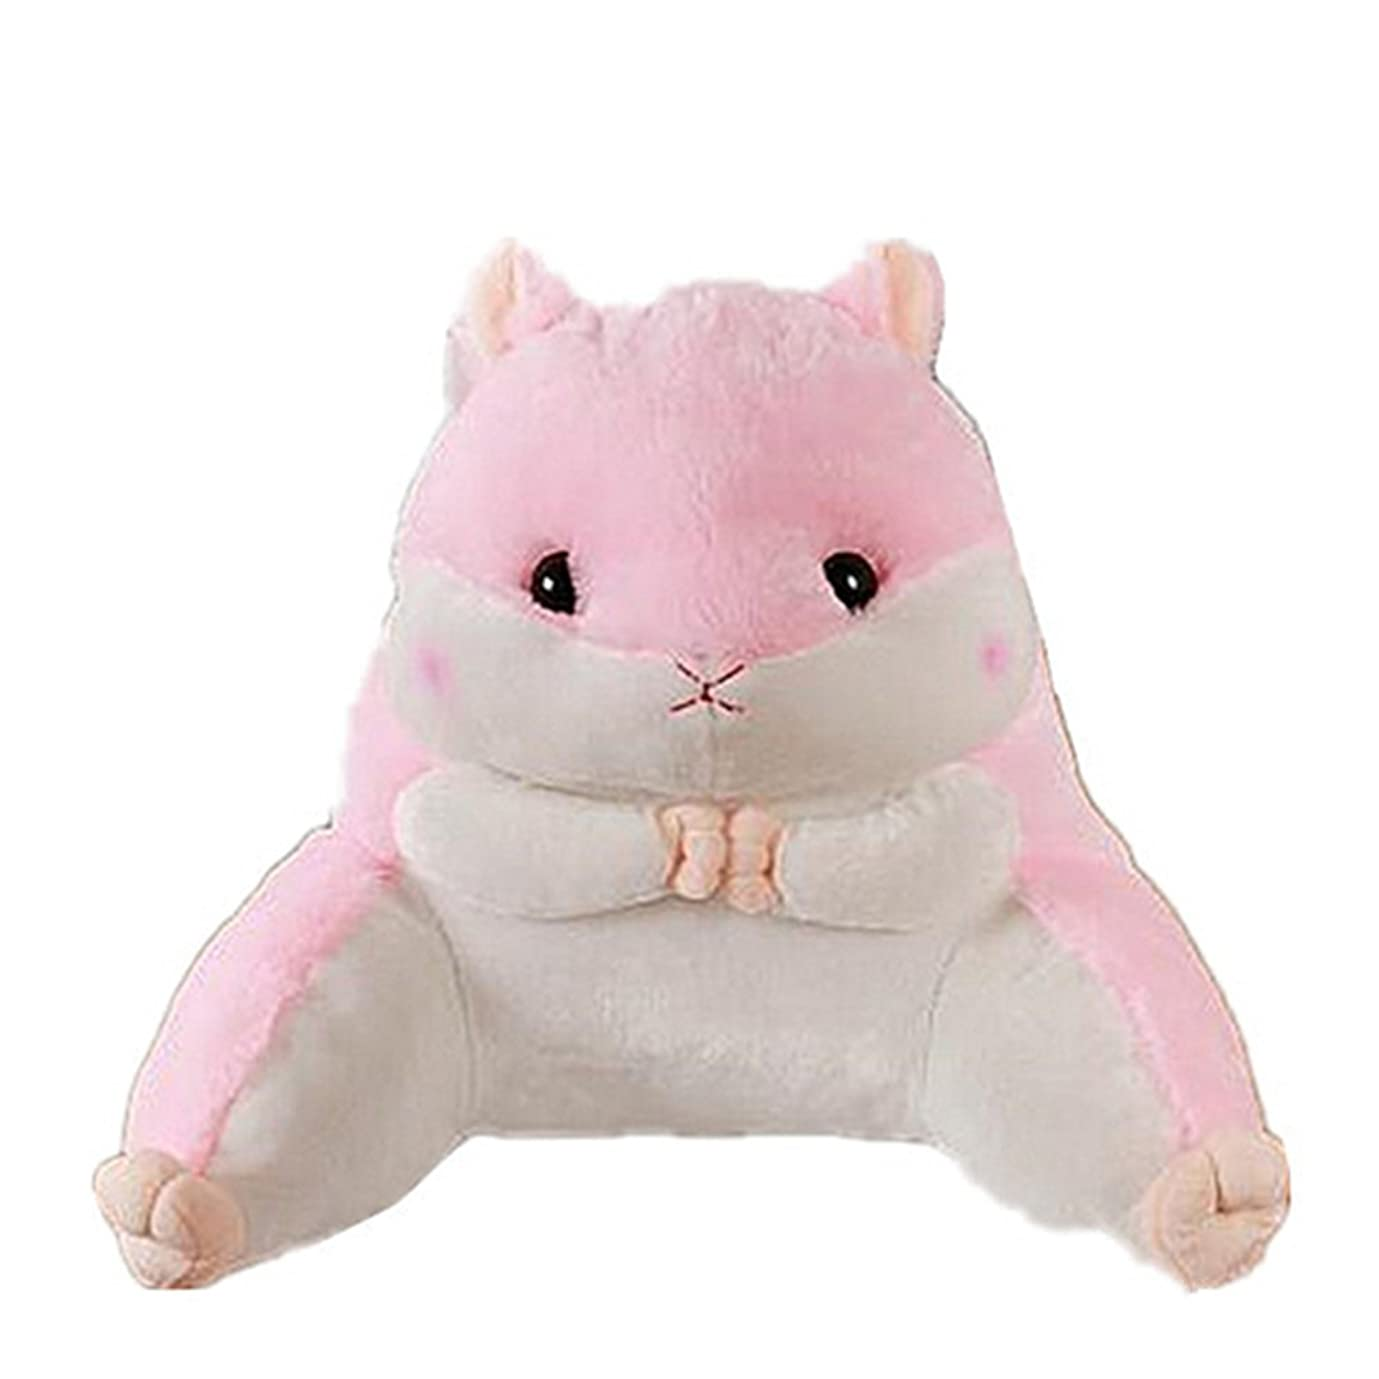 インシュレータ承認するトレーニングラブリーハムスターウエスト背中ピローの動物ソフトぬいぐるみソファベッド車の腰のクッション (ピンク)